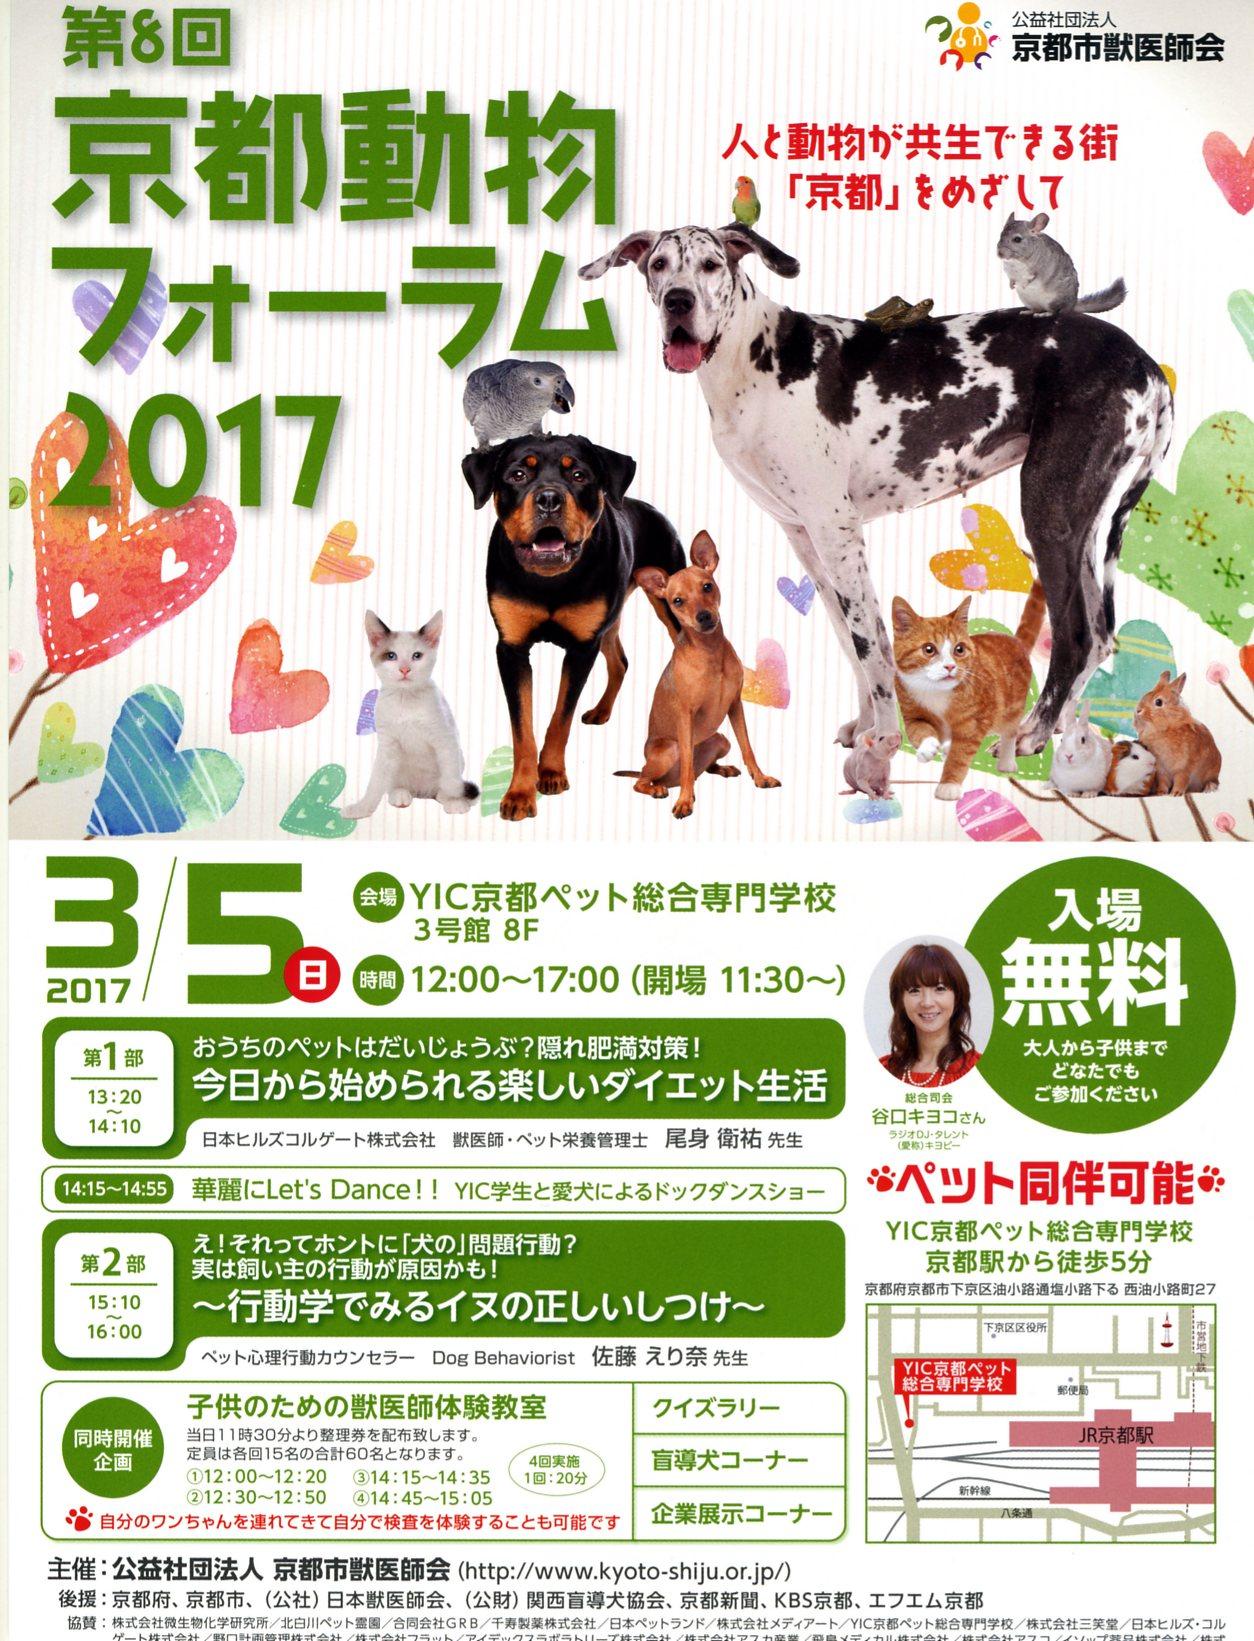 第8回 京都動物ファーラム2017